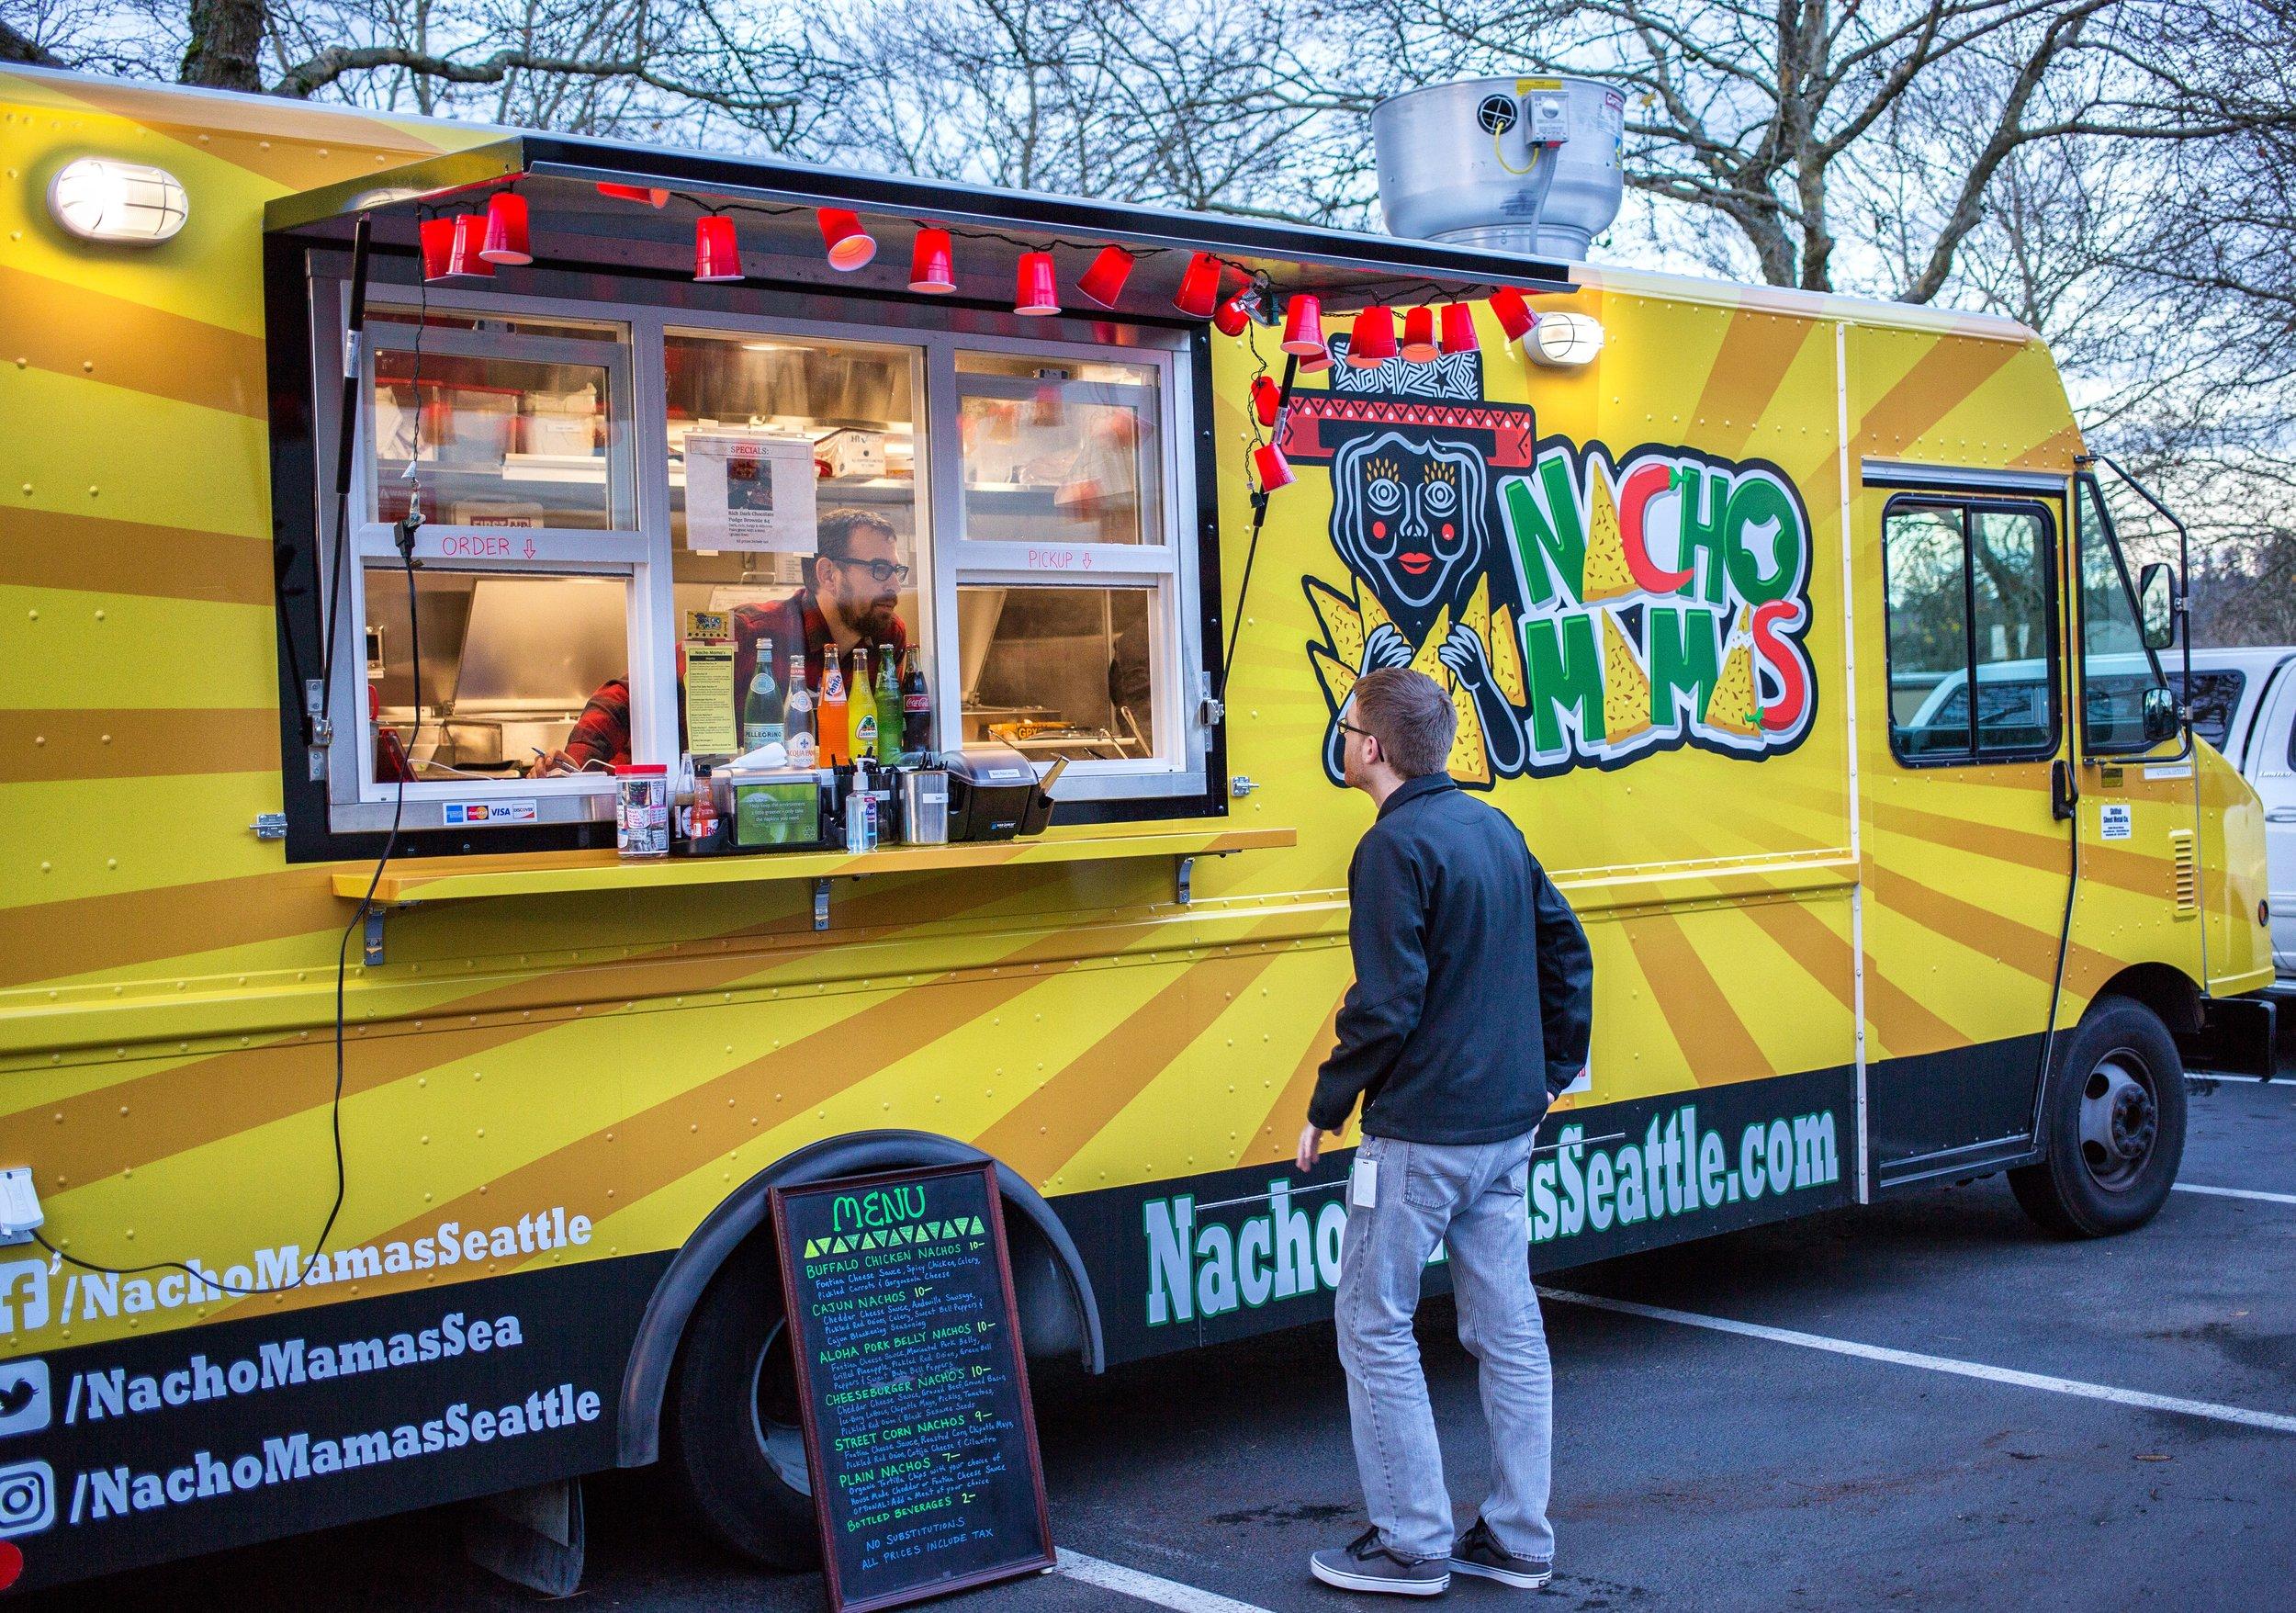 Nacho Mama's   - Nacho FusionFind on FacebookTwitter @NachoMamasSeaPhone: 206-579-1810E: nachomamasseattle@gmail.comAlso serves in: Seattle, Redmond & Bellevue